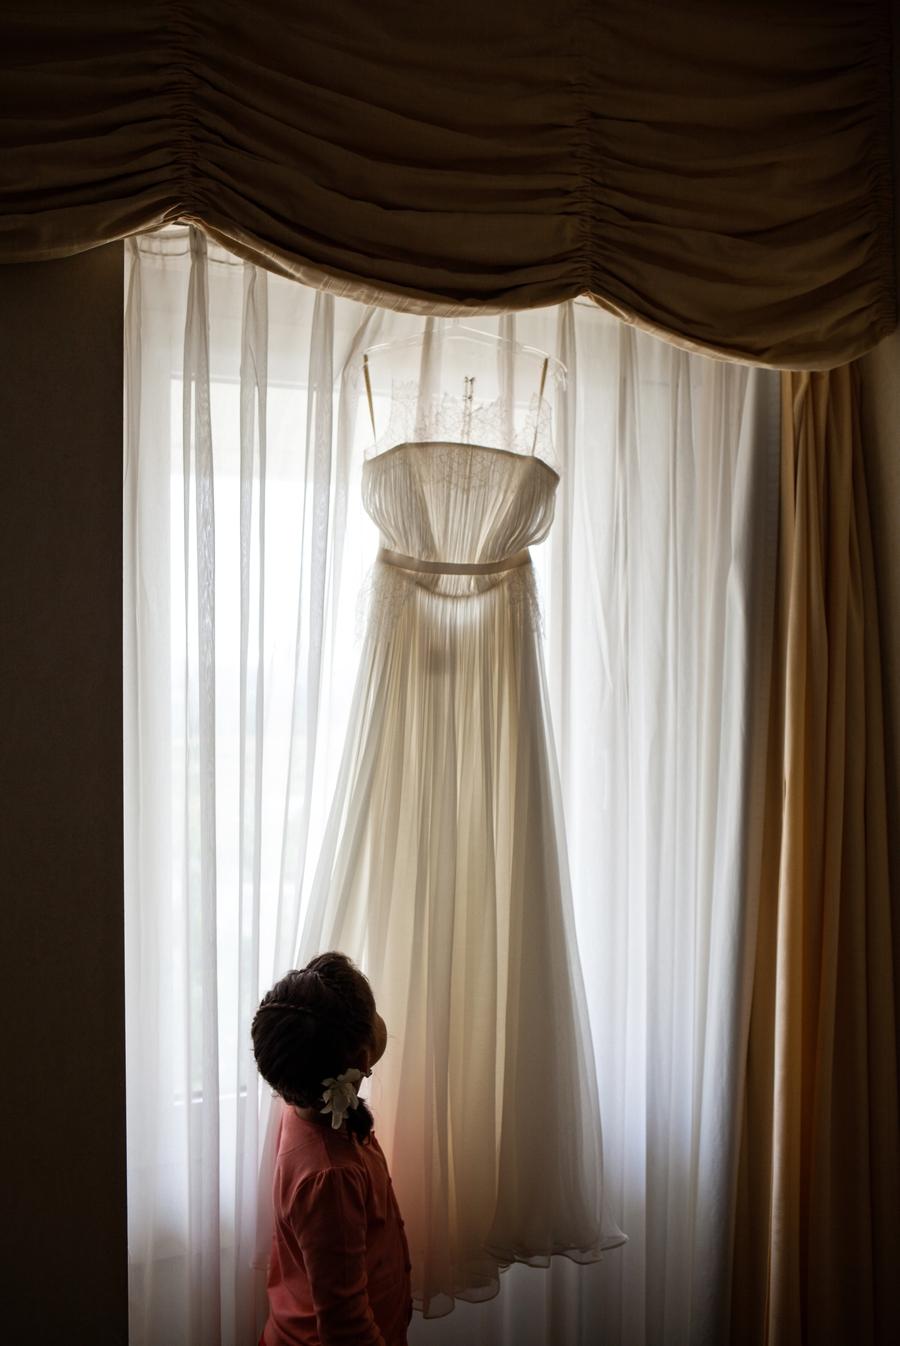 vero_dana_tudoran_fotografie_nunta 2